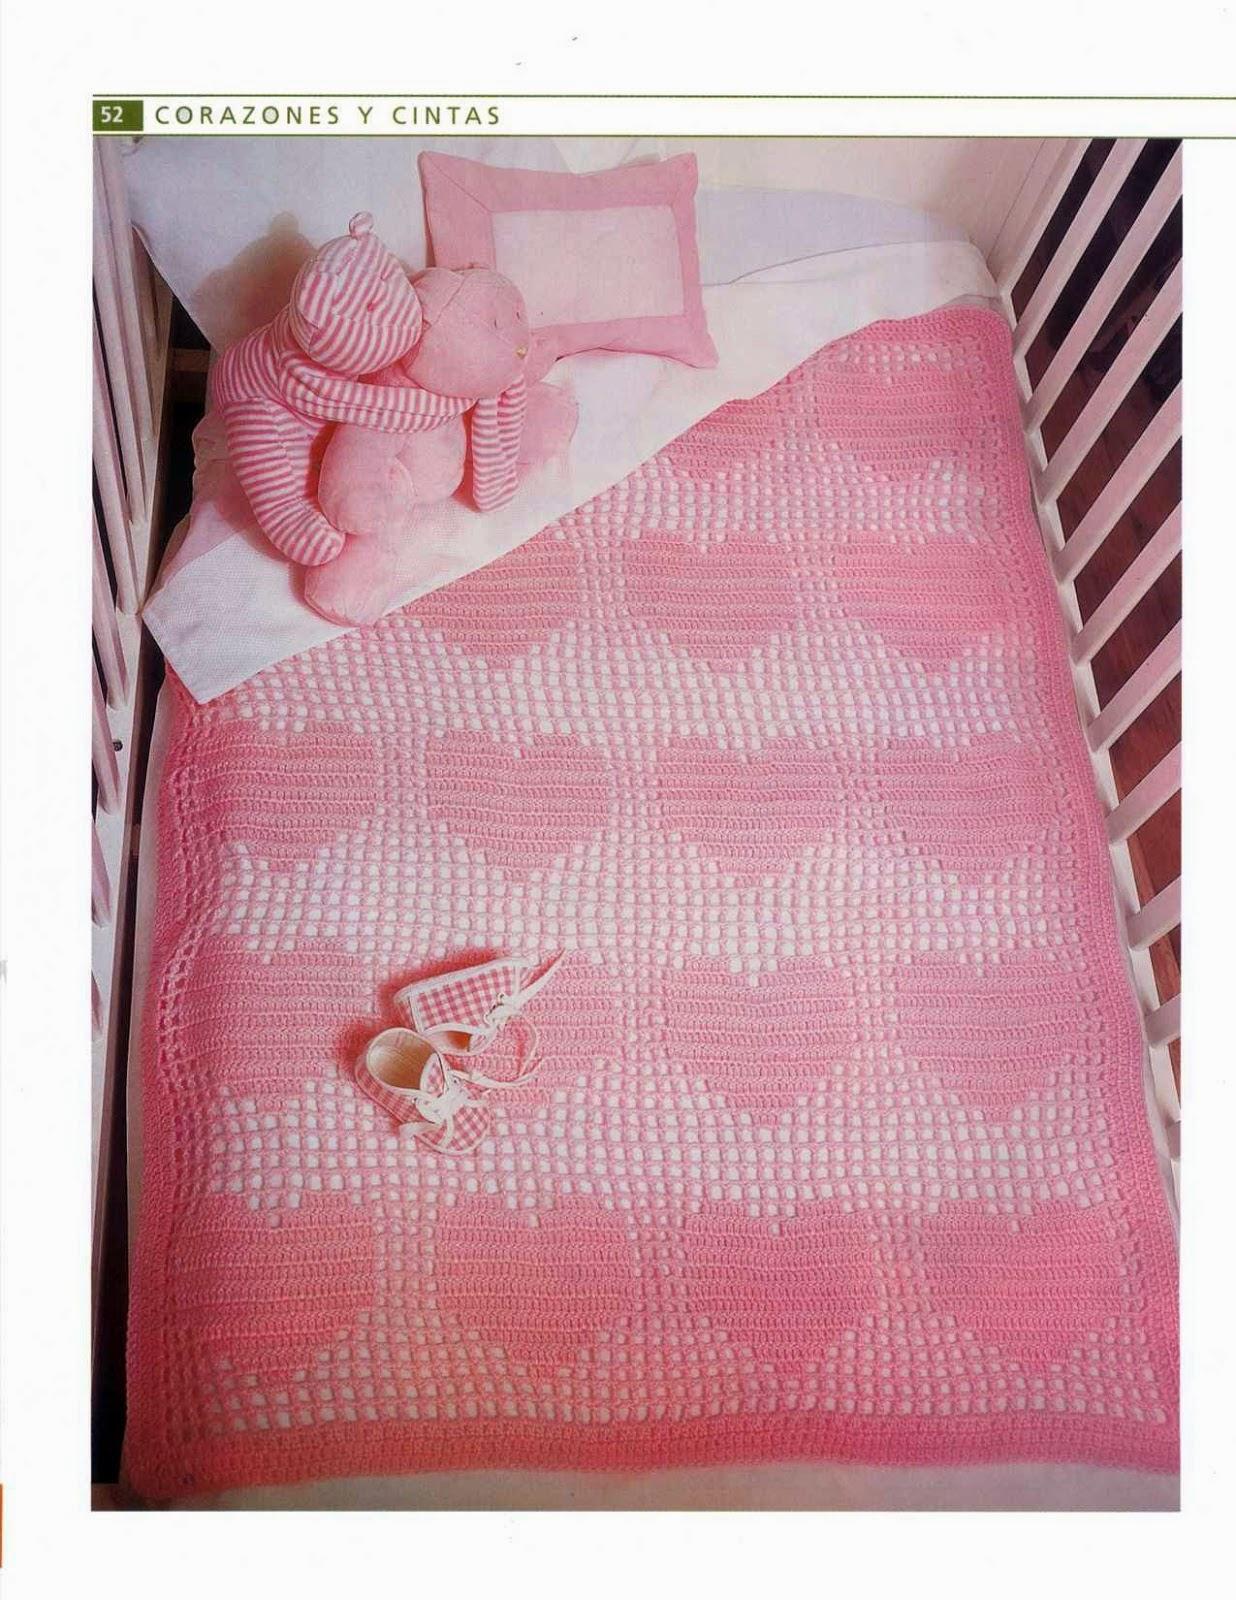 Manta de corazones y almohadón tejidos al crochet